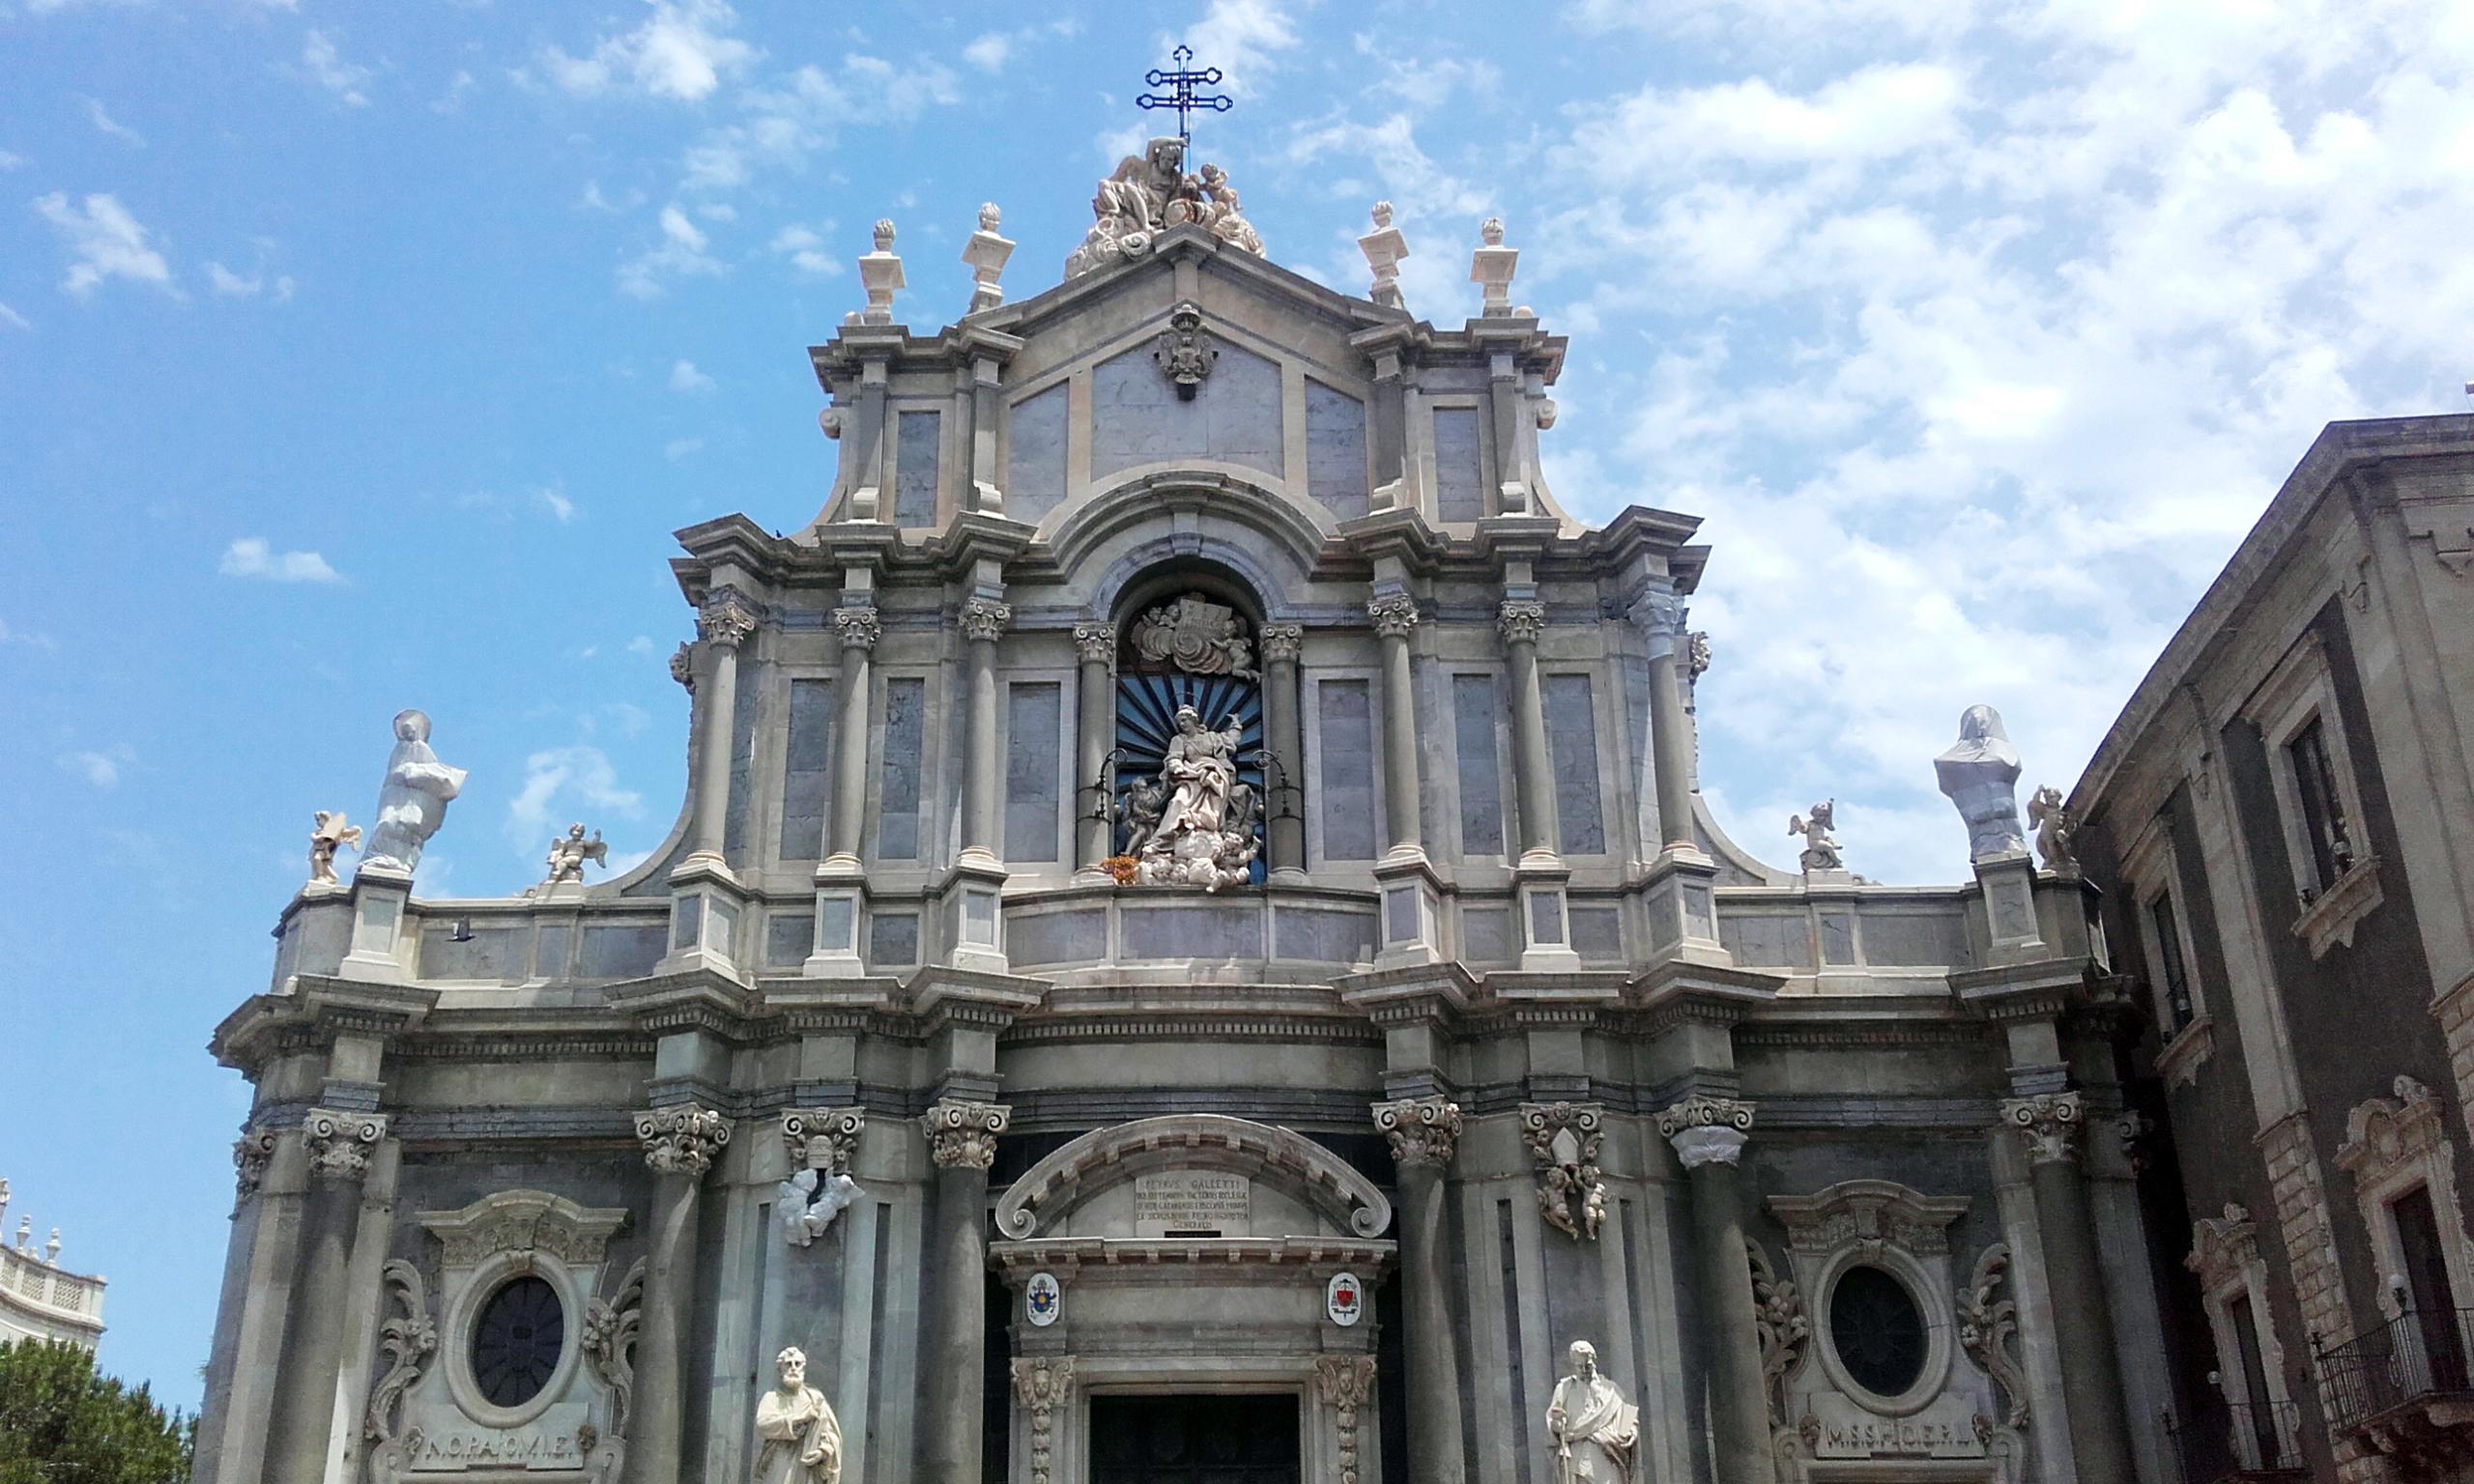 La Catedral de Santa Ágata de Catania